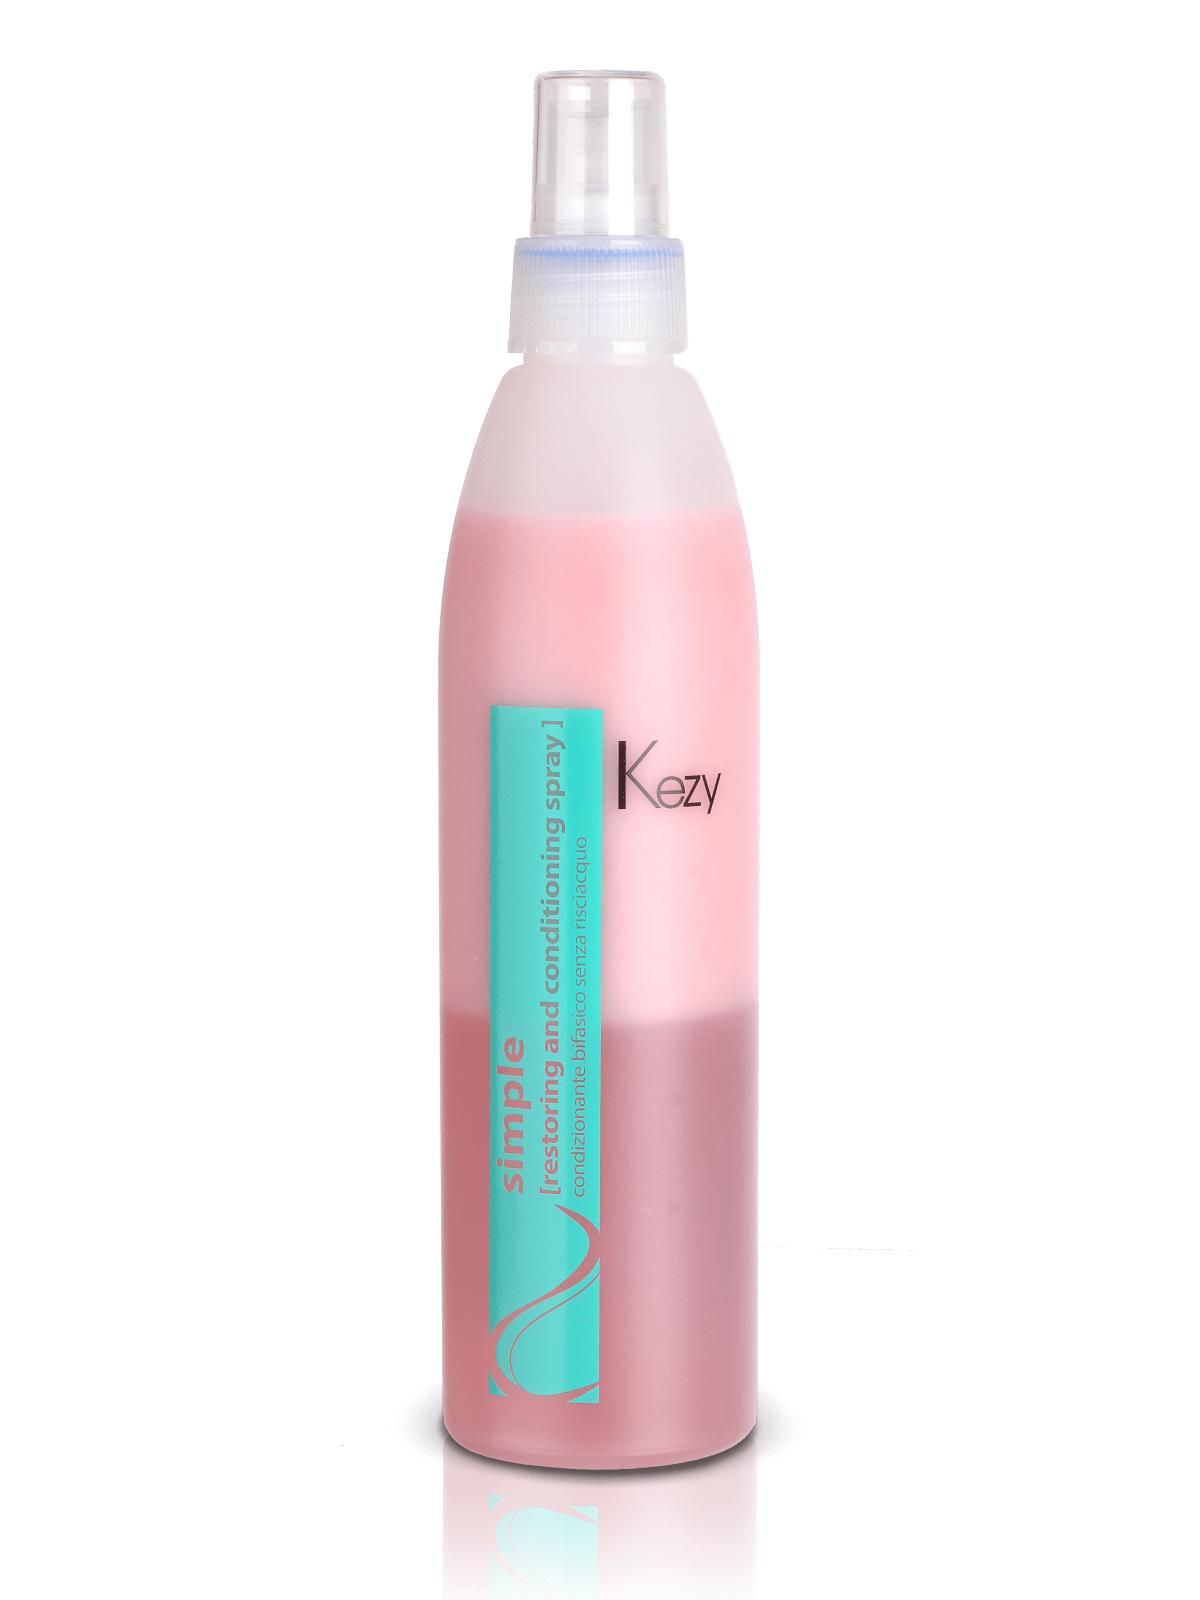 Kezy косметика для волос купить спб купить белорусскую косметику в мытищах